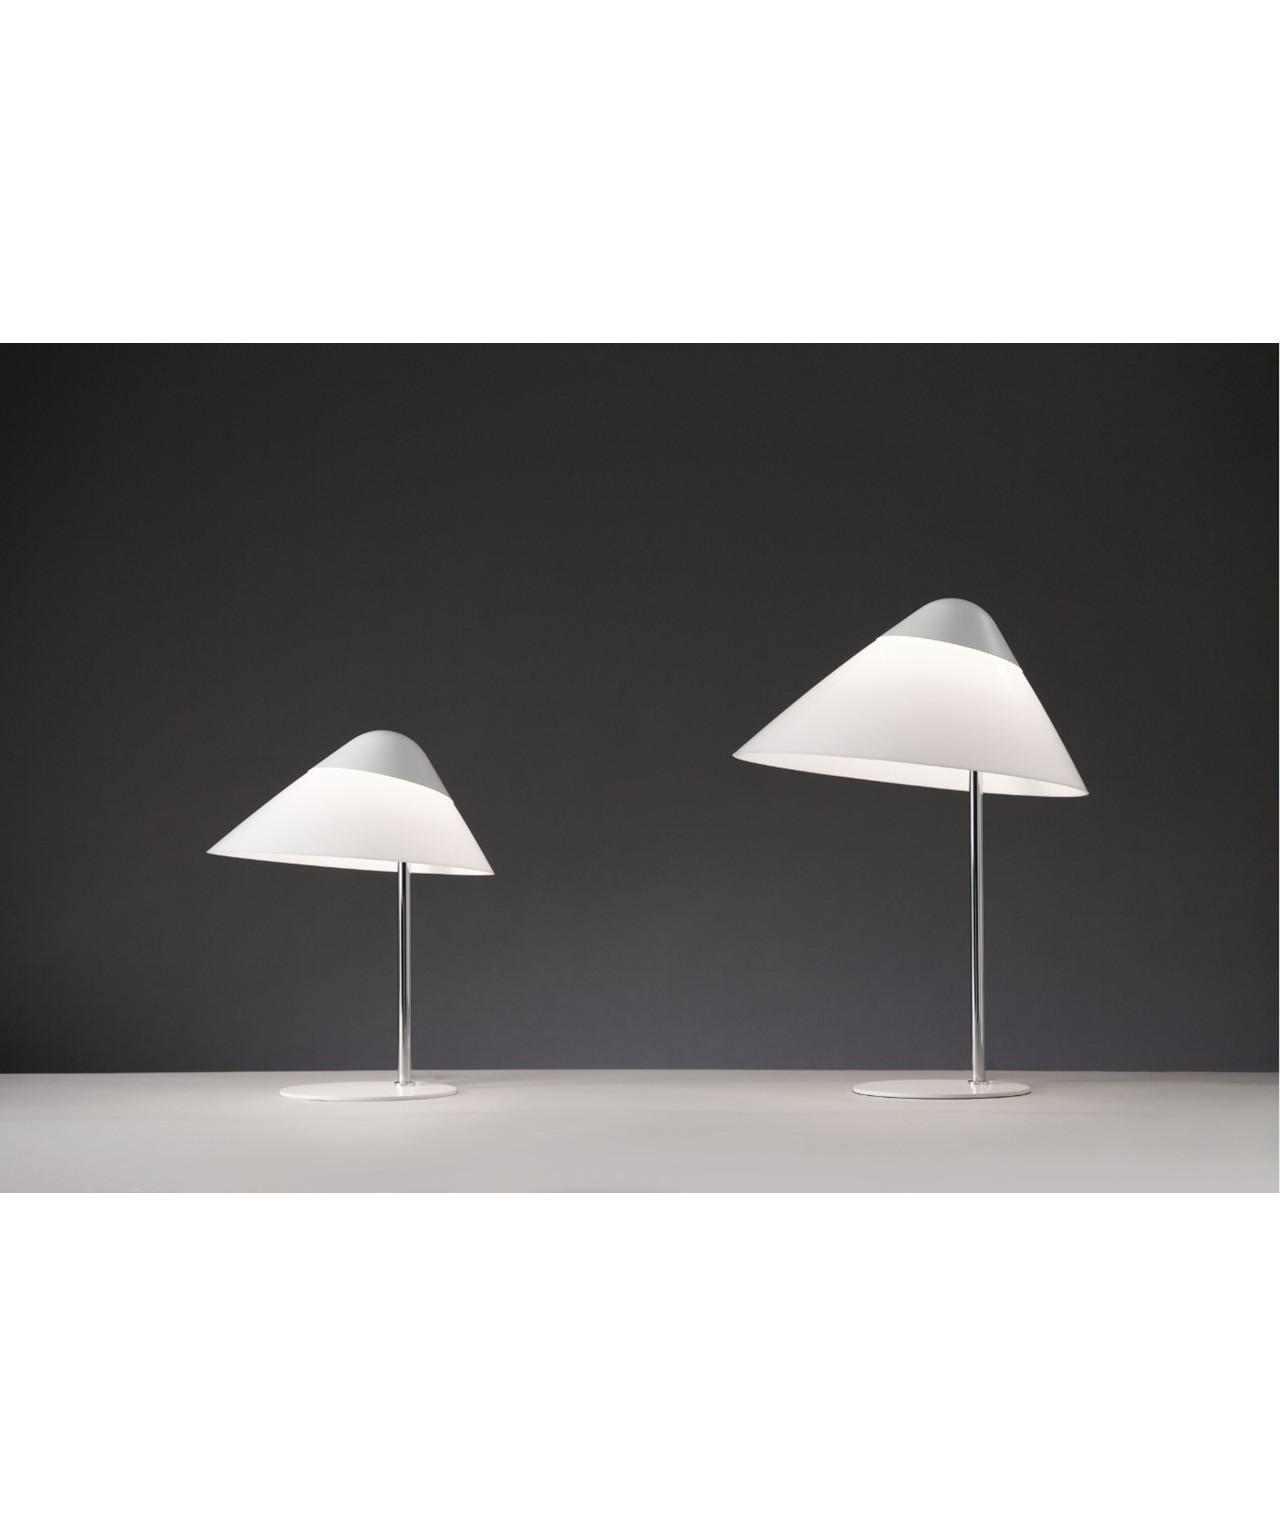 DesignHans J. Wegner for PandulKoncept Opala B001 senge- og bordlampen blev sammen med pendlen og gulvlampen designet som en samlet pakke til at smykke værelserne på Hotel Scandinavia i København. Derudover er lamperne i en lang årrække blevet solgt til både almindelige forbrugere men også til store projekter som f.eks. det engelske Churchill College i Cambridge, der blev tegnet af Henning Larsen.Som standard leveres bordlampen med en elektronisk dæmper, og afbryder monteret på ledningen, men almindelig afbryder kan vælges hvis der for eksempel skal benyttes sparepærer.MaterialeSlagfast højglans akryl, top af vådlakeret aluminium, fod i vådlakeret stål samt stang i højglansforkromet stål.OBS - Lamperne fra Pandul produceres og samles i Danmark, med afsendelse fra fabrikken én gang om ugen. Derfor vil der kunne opleves leveringstider op til 4-8 dage ved lagerudsving.